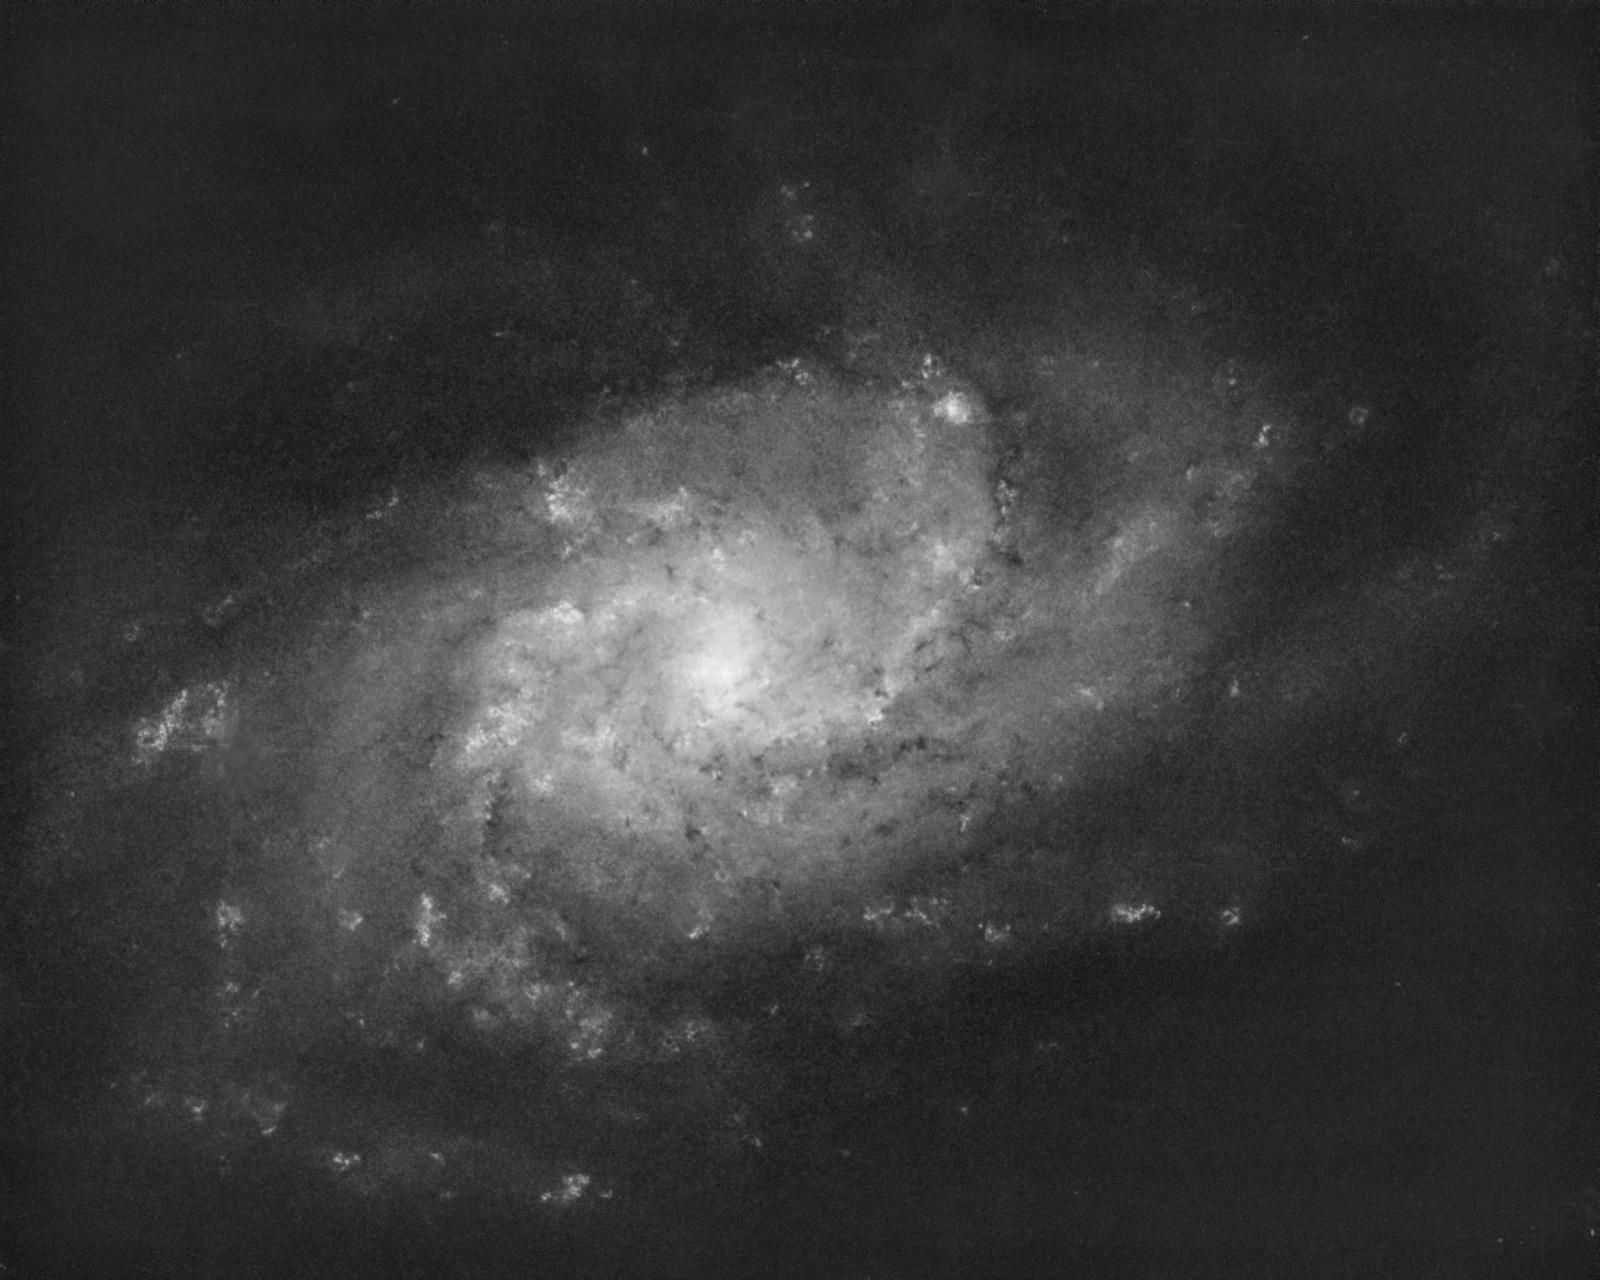 M33_mono_finished_no_stars.thumb.jpg.dd8f6ea78345d5b586fc0646adf96bd2.jpg